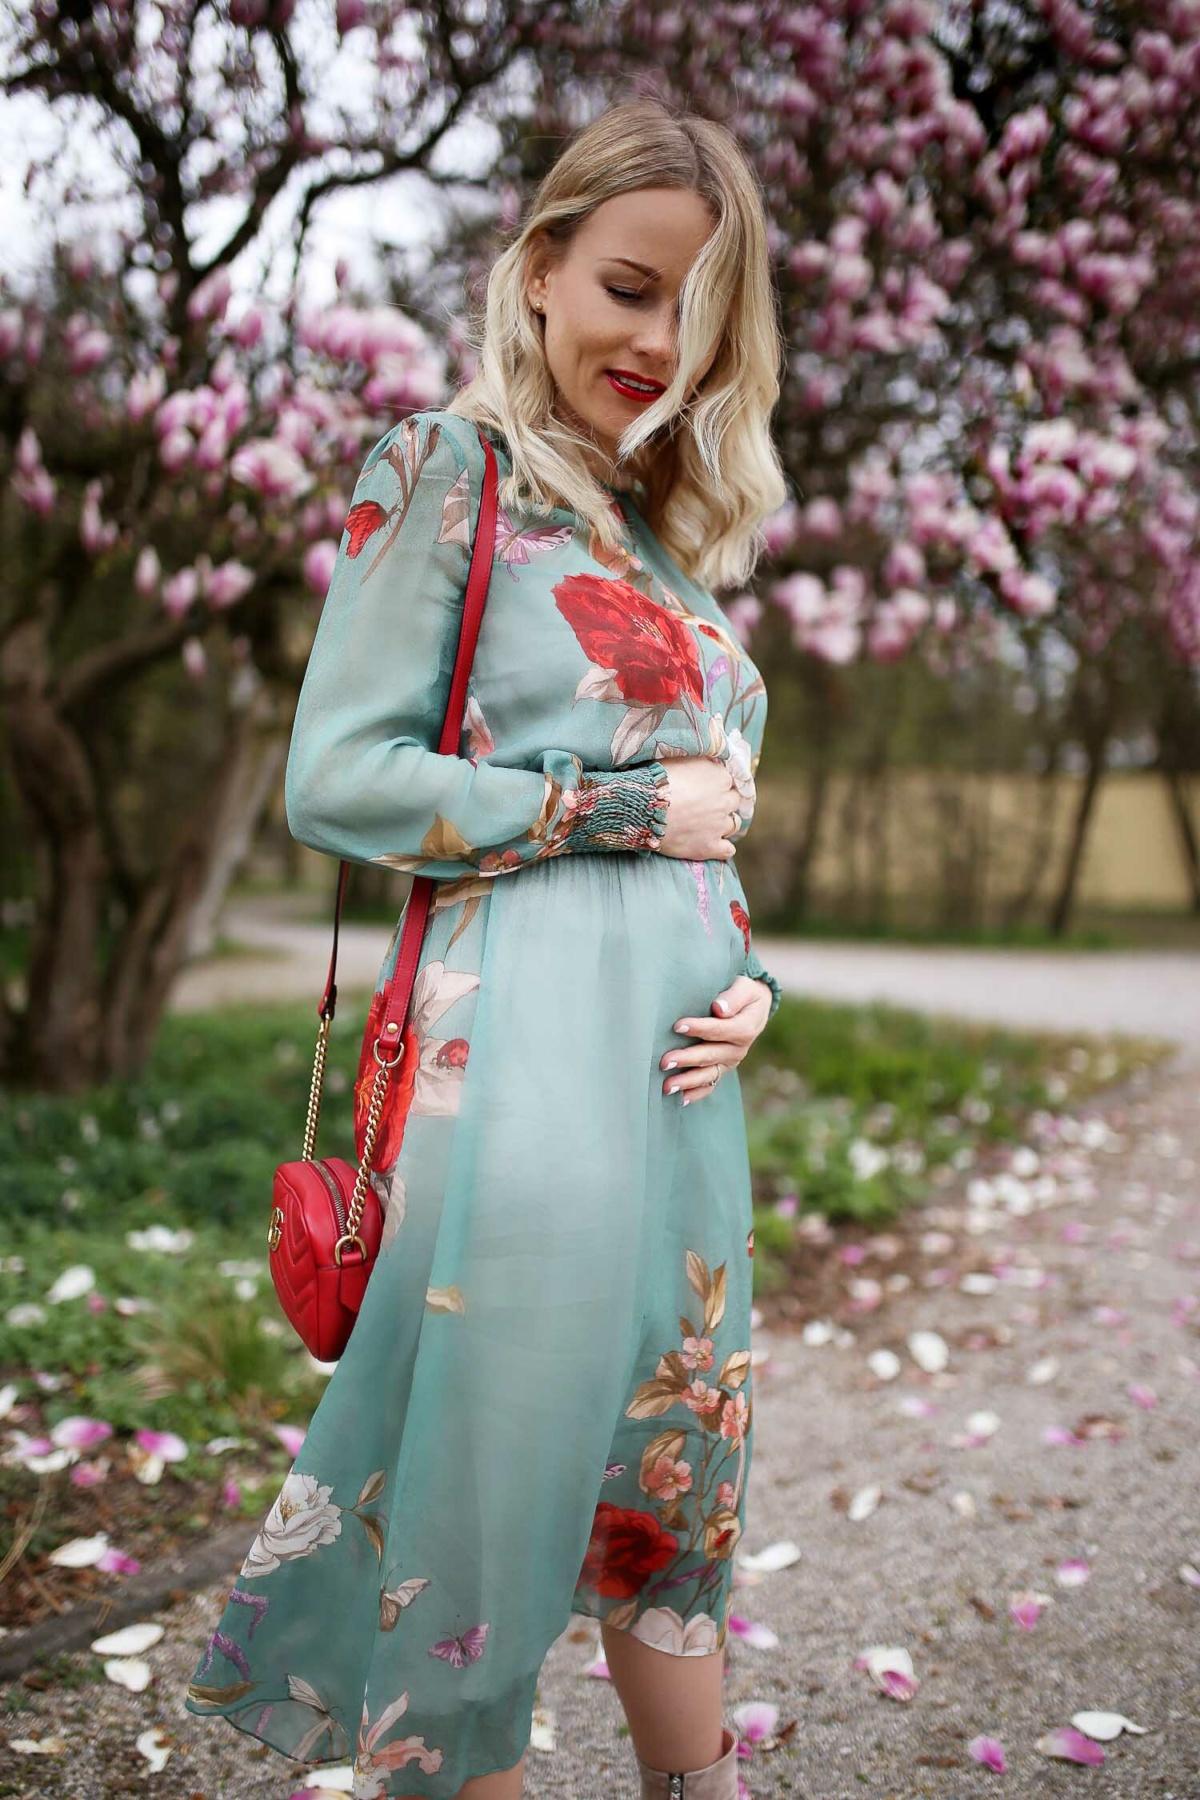 stylingliebe-lifestyleblogger-fashionblog-muenchen-styleblog-munich-blogger-deutschland-fashionblogger-bloggerdeutschland-lifestyleblog-rueckblick-schwangerschaft-ein-brief-an-dich-5